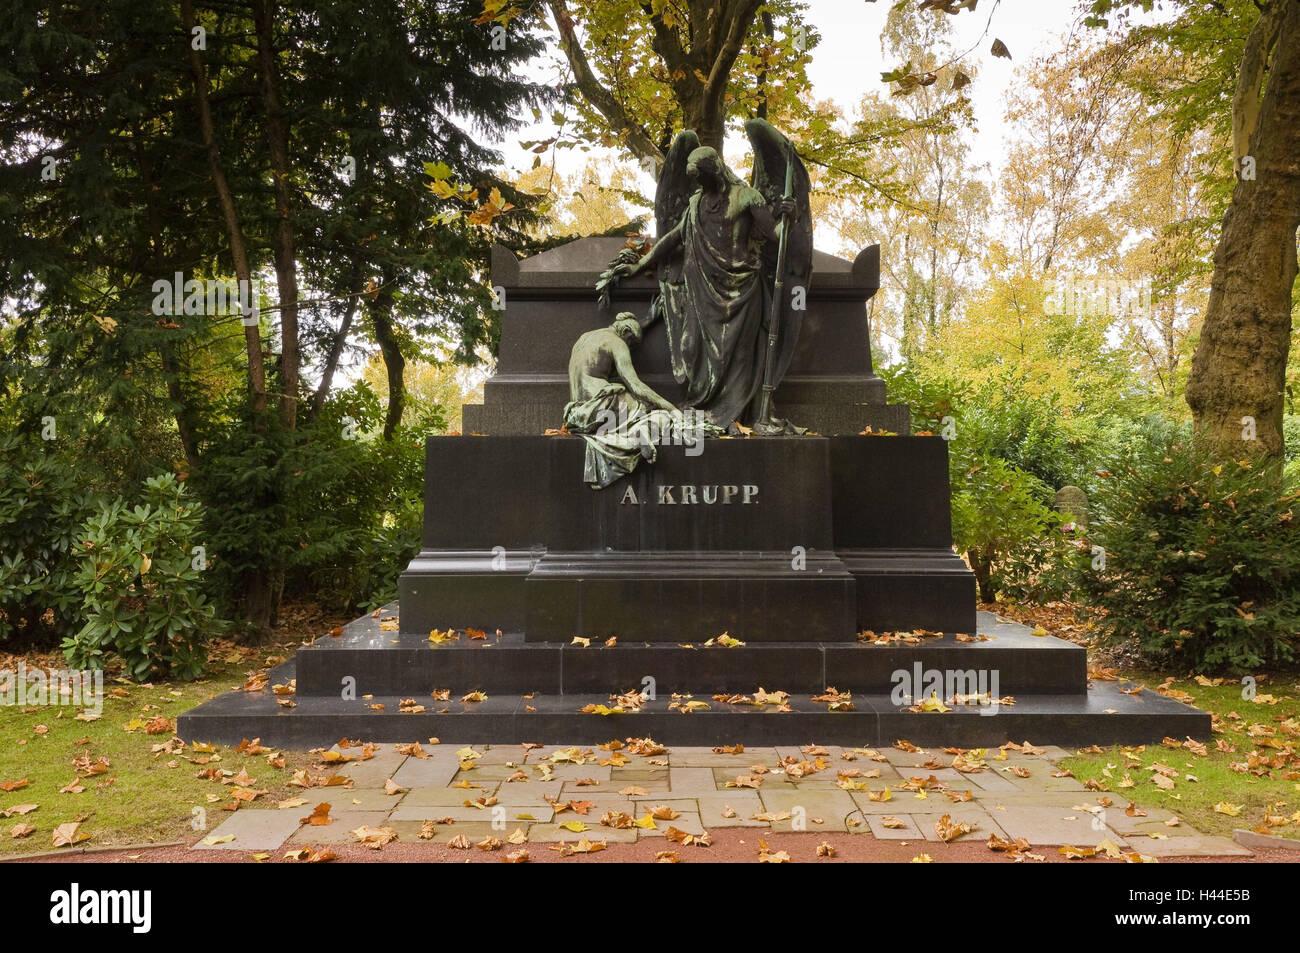 Cimitero di famiglia groppa, cimitero Bredeney, cibo, Renania settentrionale-Vestfalia, Germania, Immagini Stock